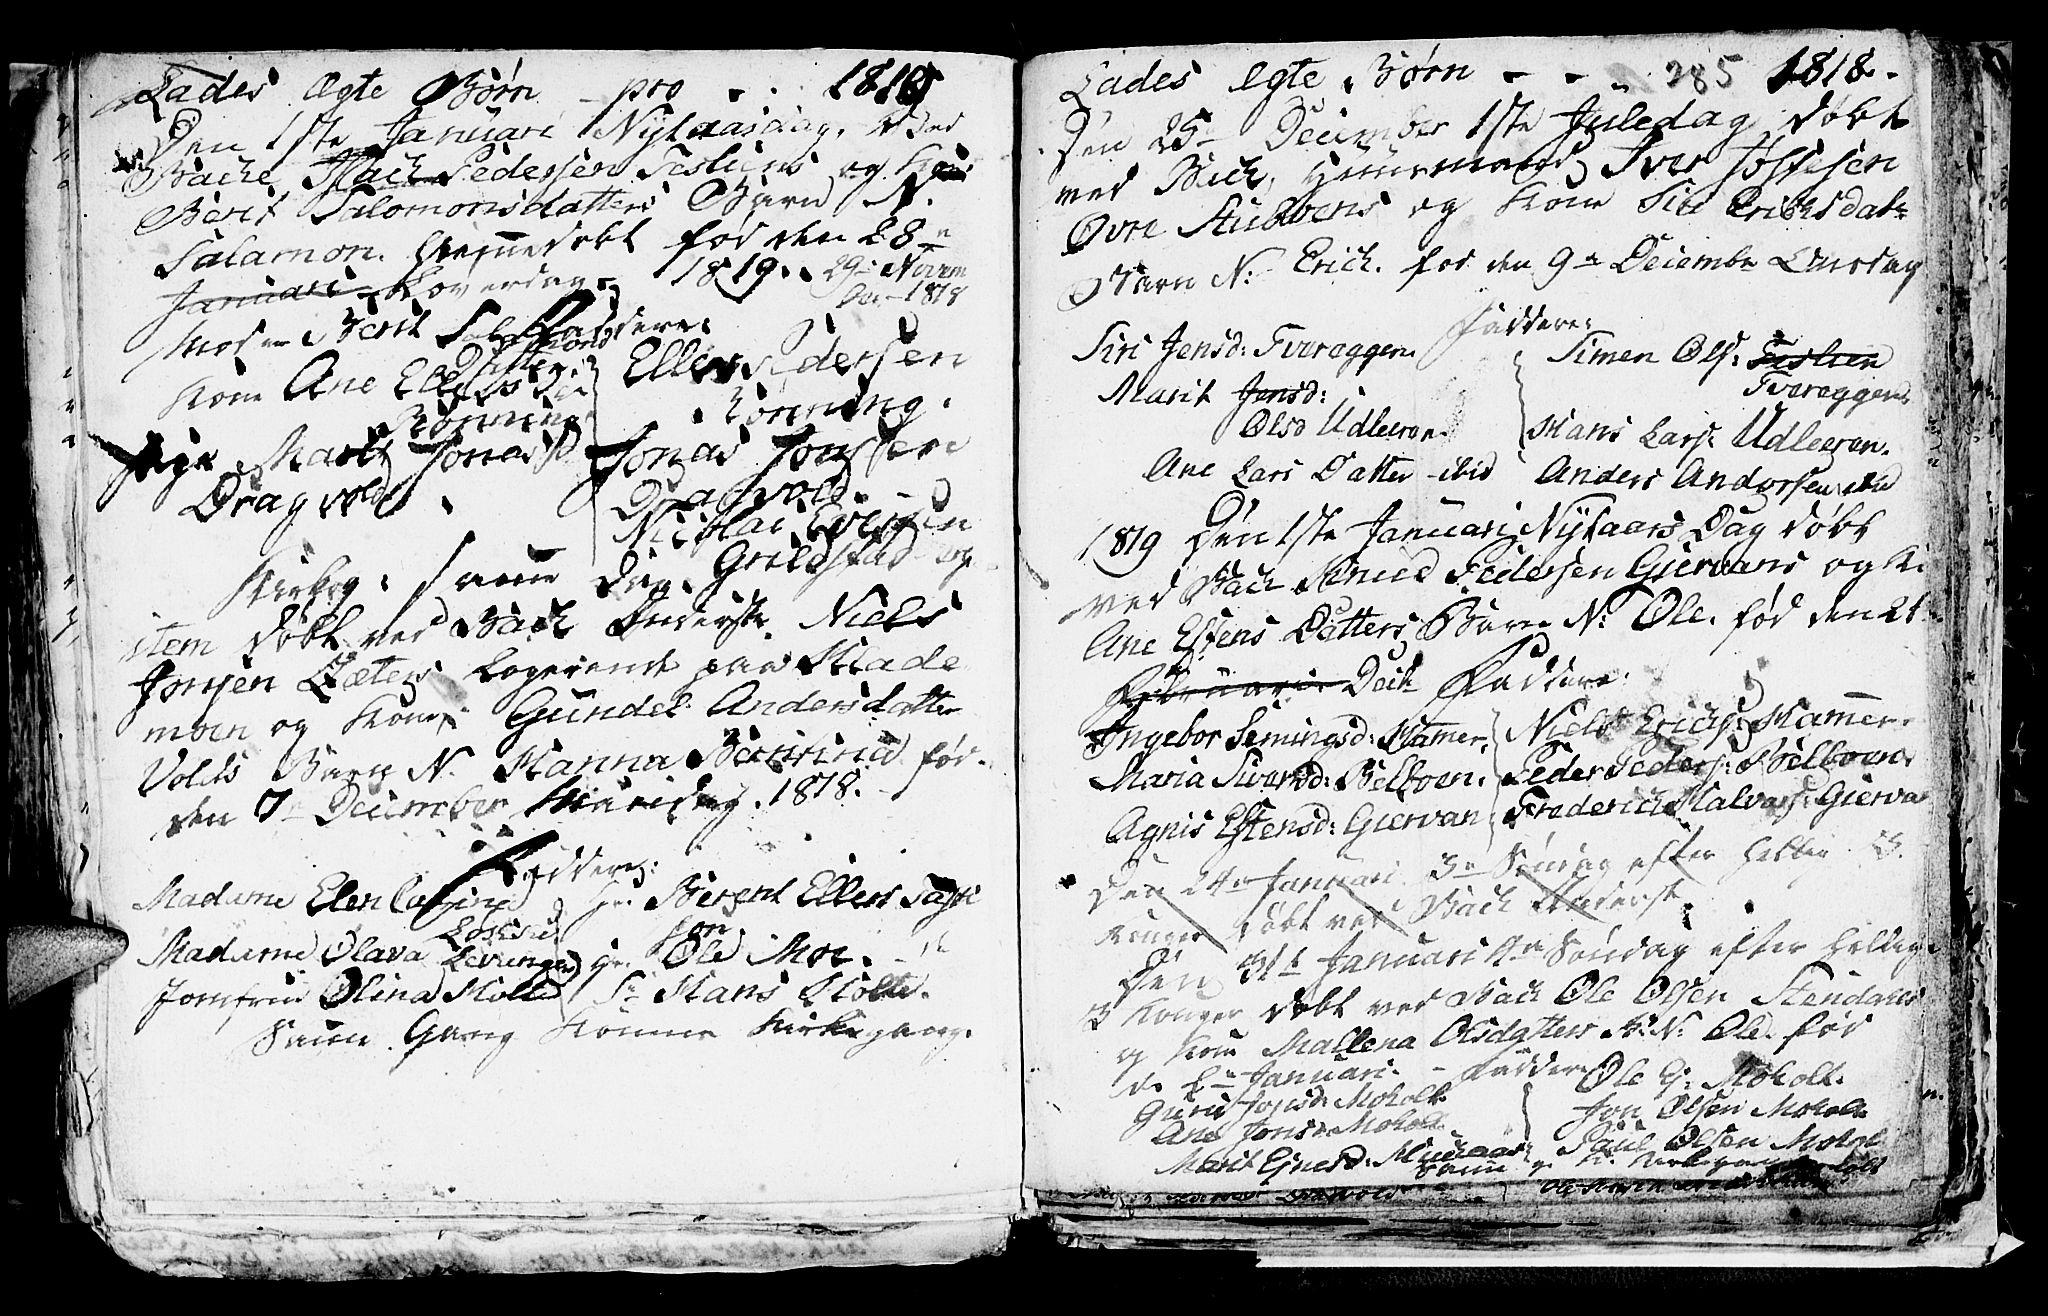 SAT, Ministerialprotokoller, klokkerbøker og fødselsregistre - Sør-Trøndelag, 606/L0305: Klokkerbok nr. 606C01, 1757-1819, s. 285